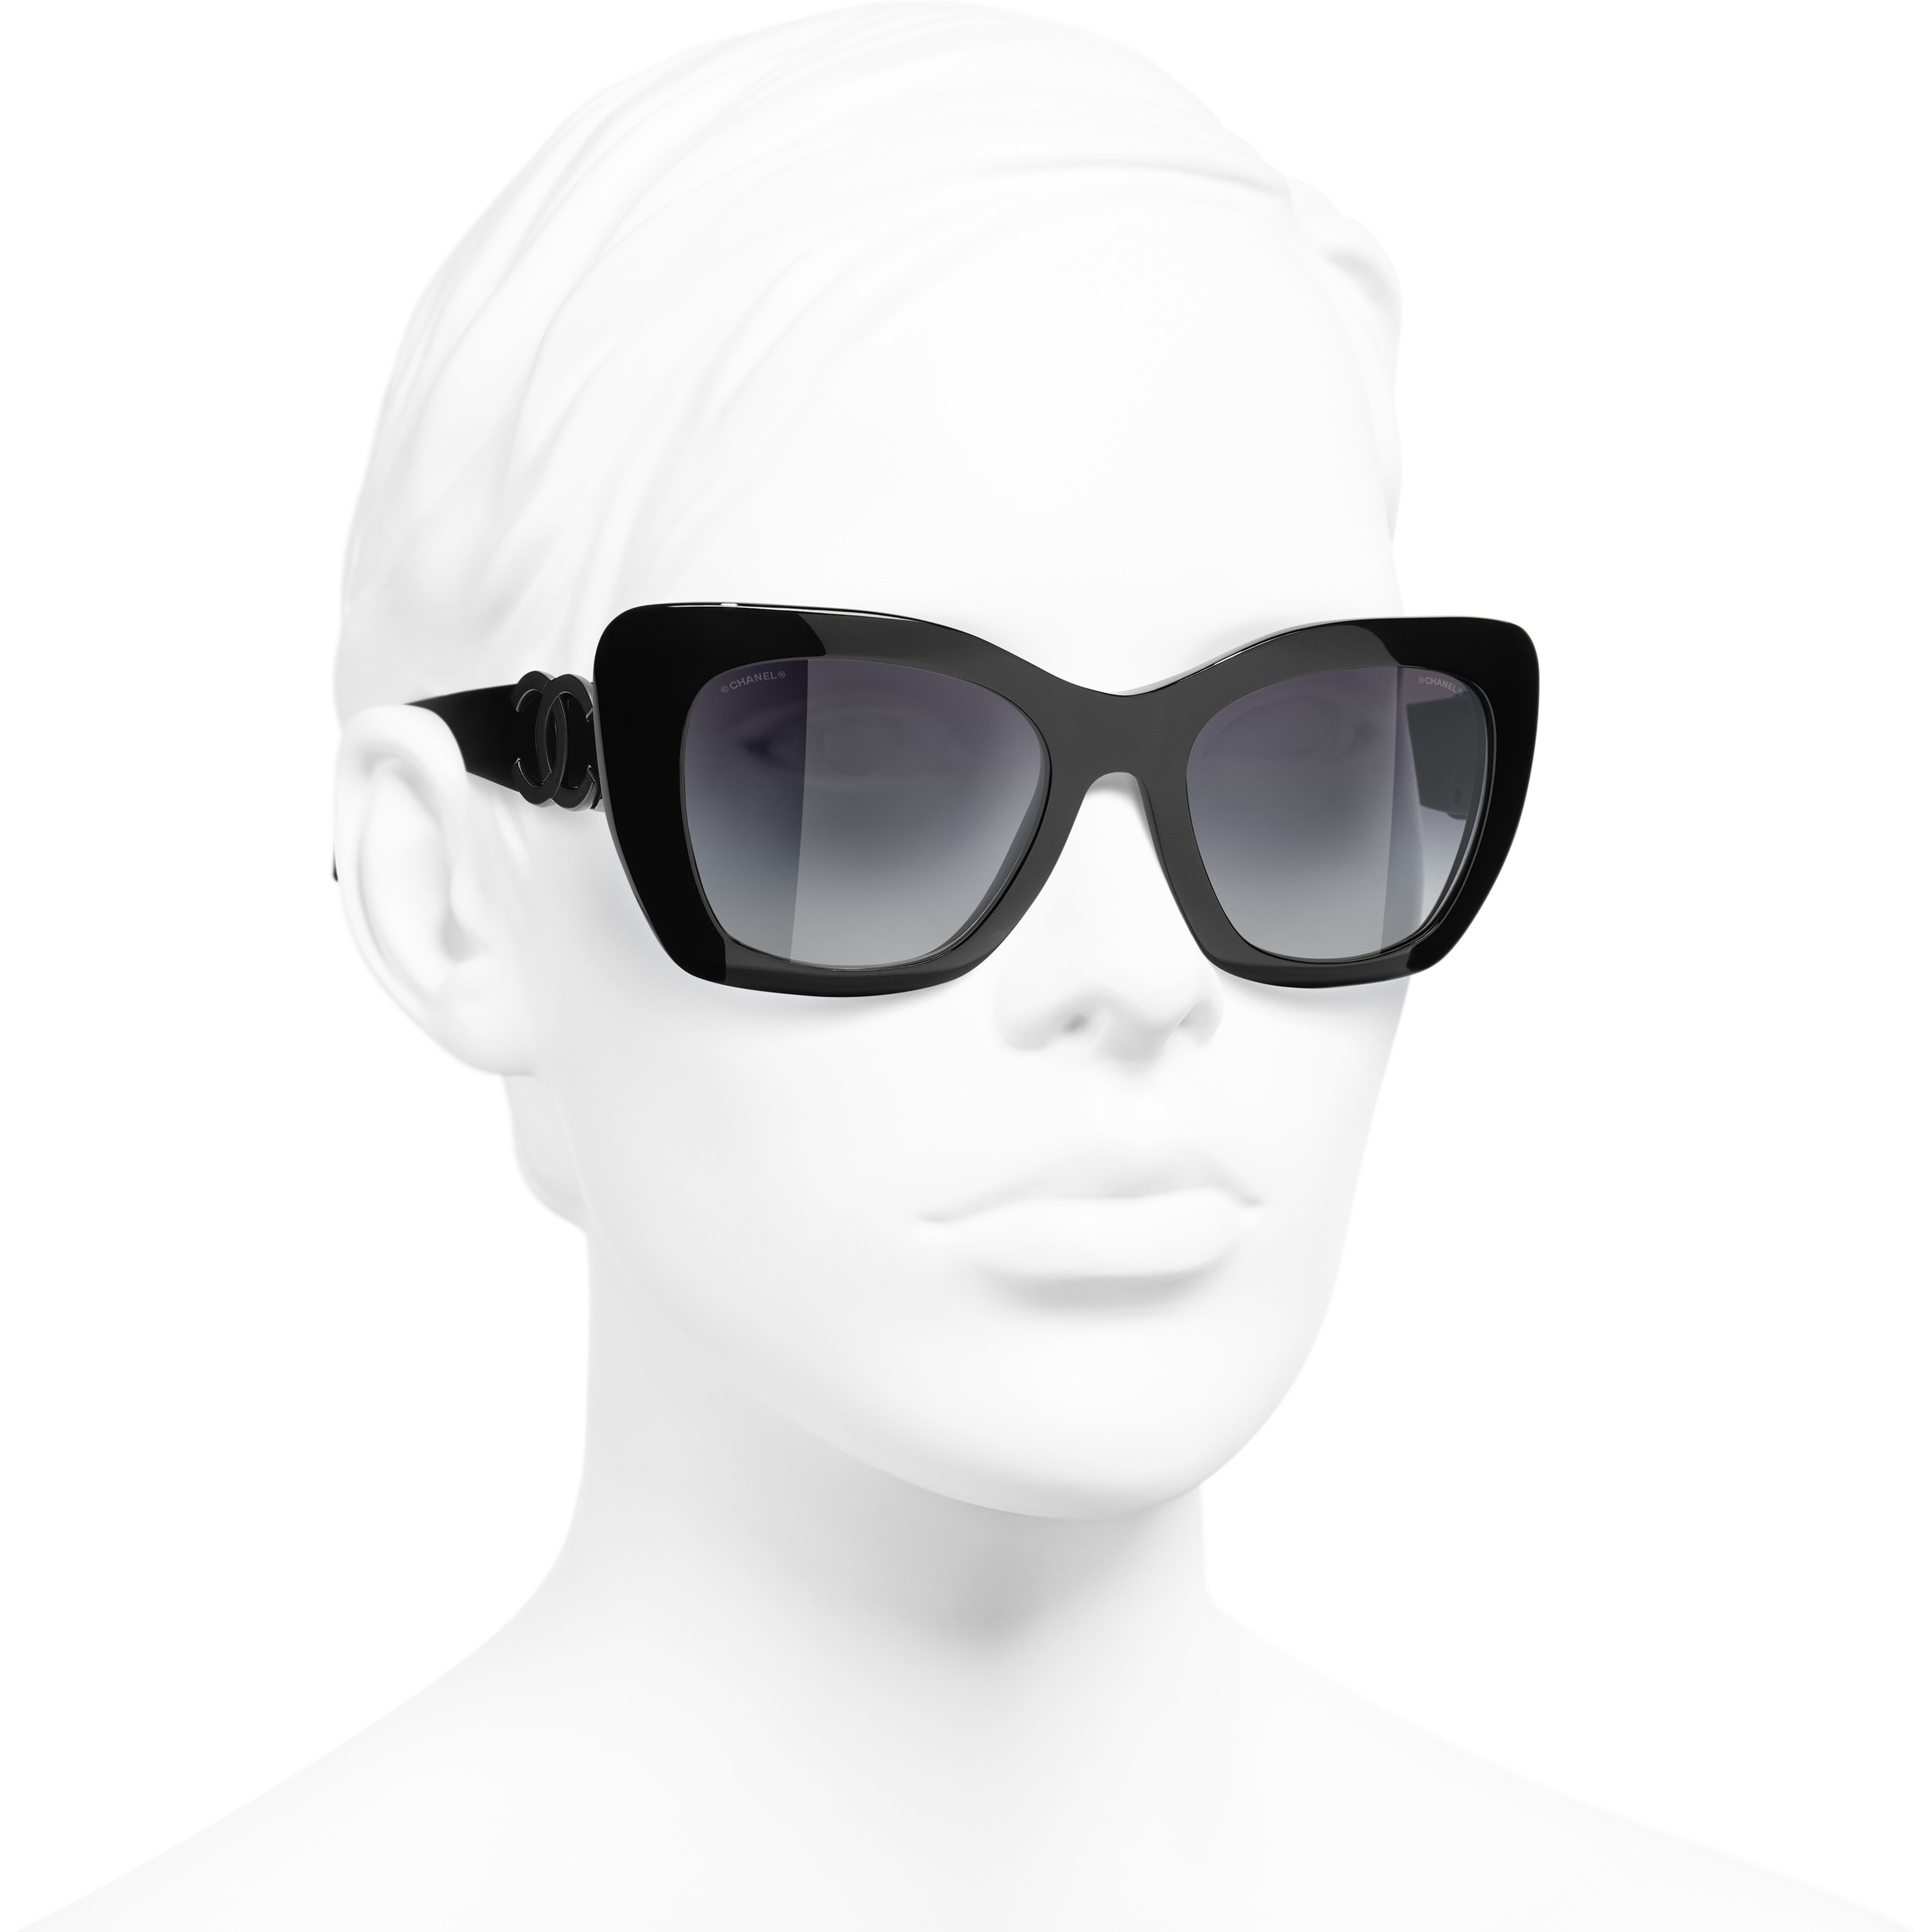 Óculos de sol com formato felino - Preto - Acetato - CHANEL - Vista 3/4 - ver a versão em tamanho standard